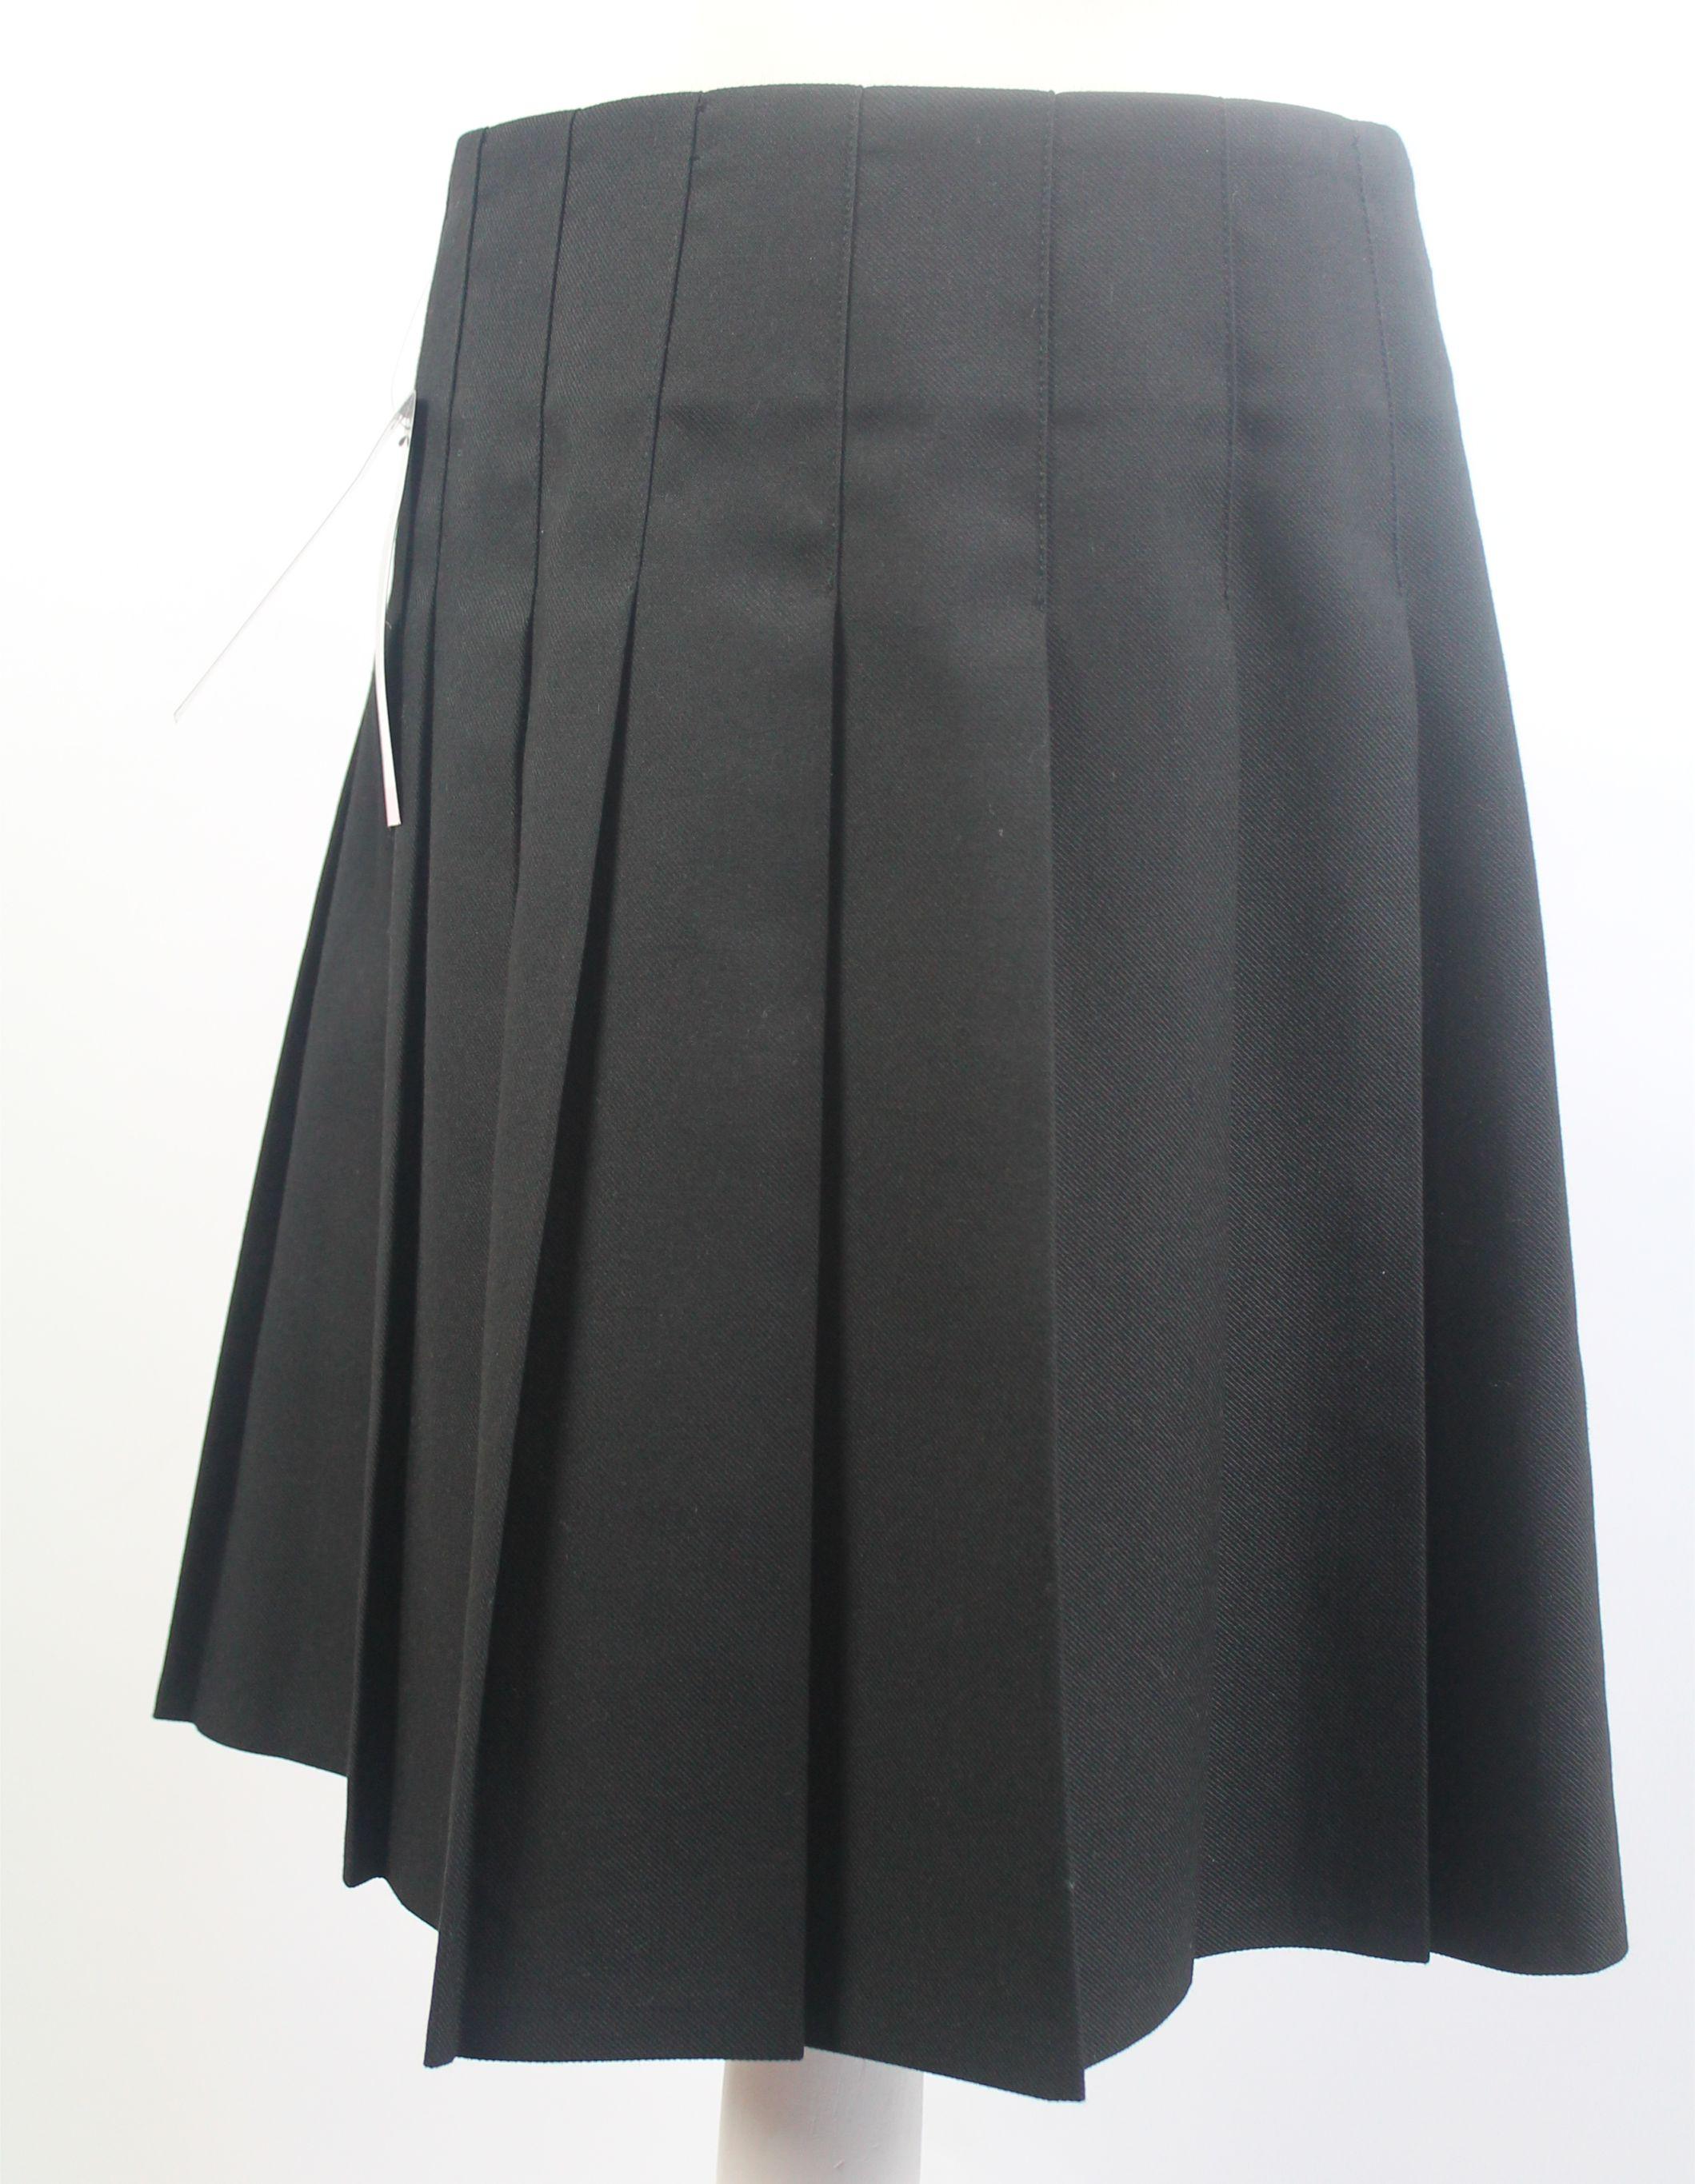 31854b95118 John Colet Girls Trutex Skirt Black – https   plschoolwear.co.uk